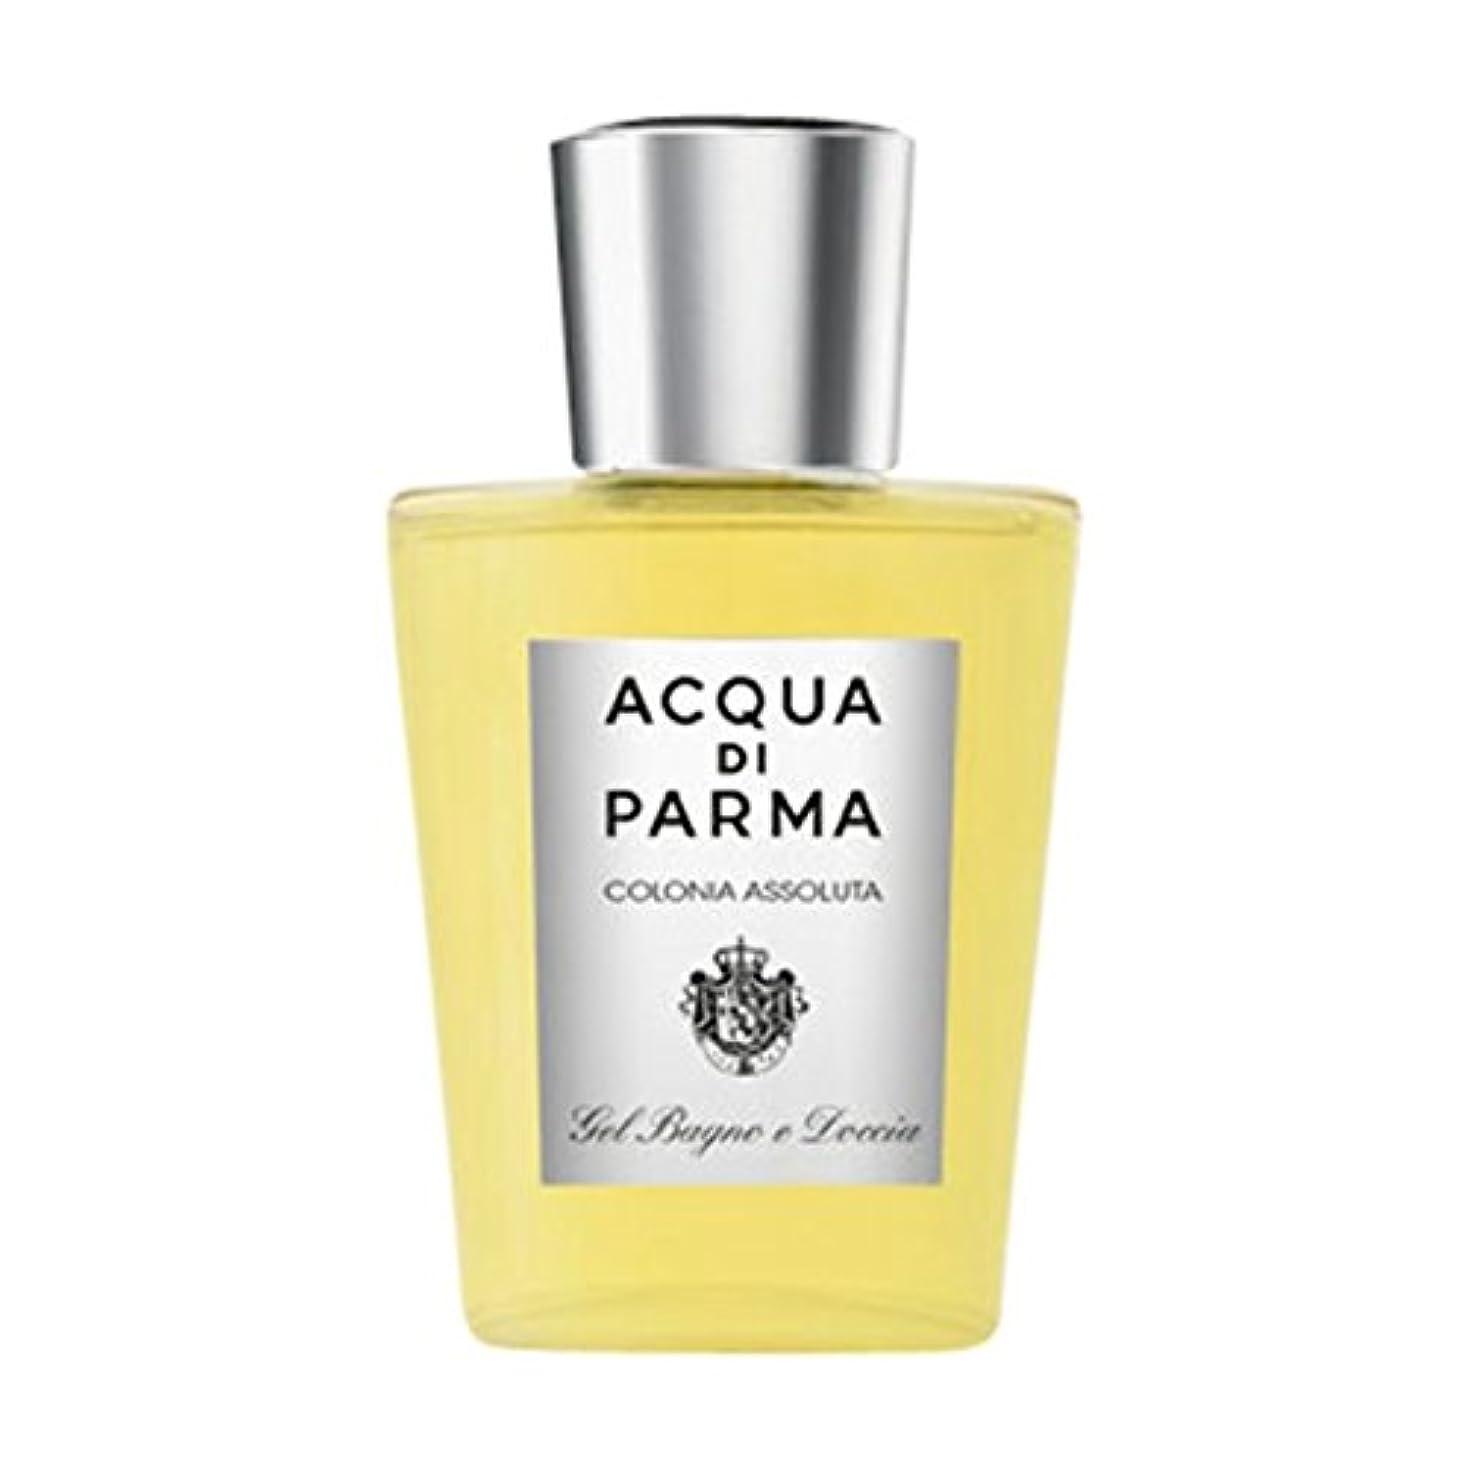 補償任命植物学者アクアディパルマコロニアAssoluta風呂とシャワージェル (Acqua di Parma) - Acqua di Parma Colonia Assoluta Bath and Shower Gel [並行輸入品]